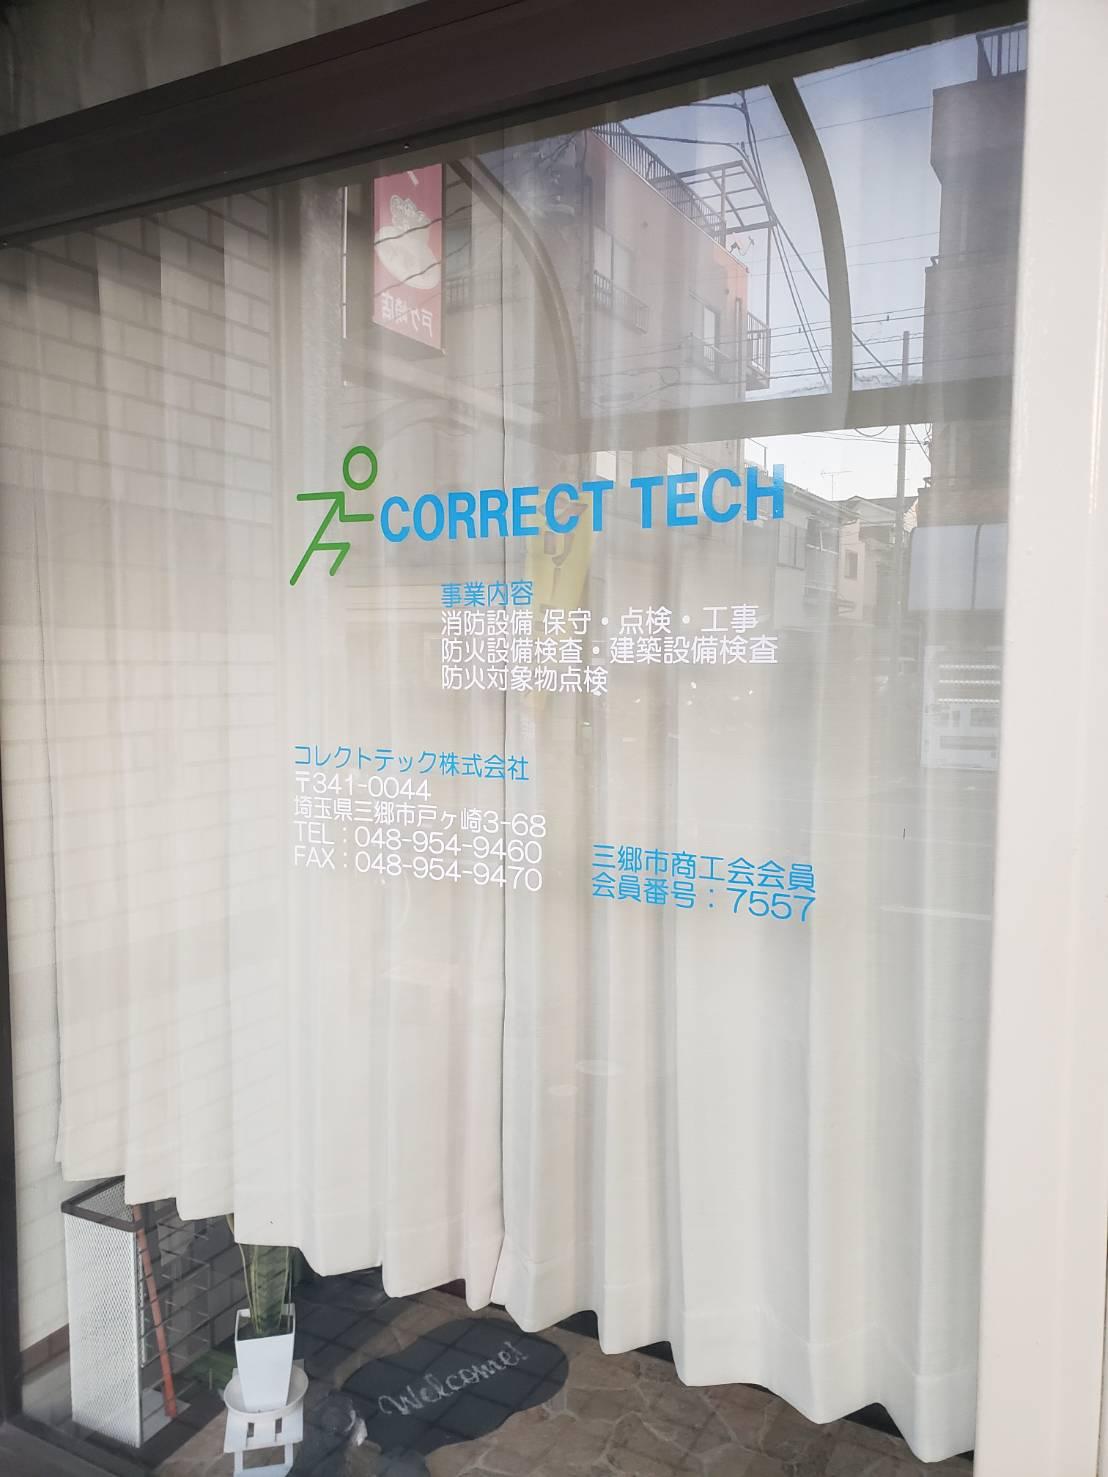 コレクトテック株式会社